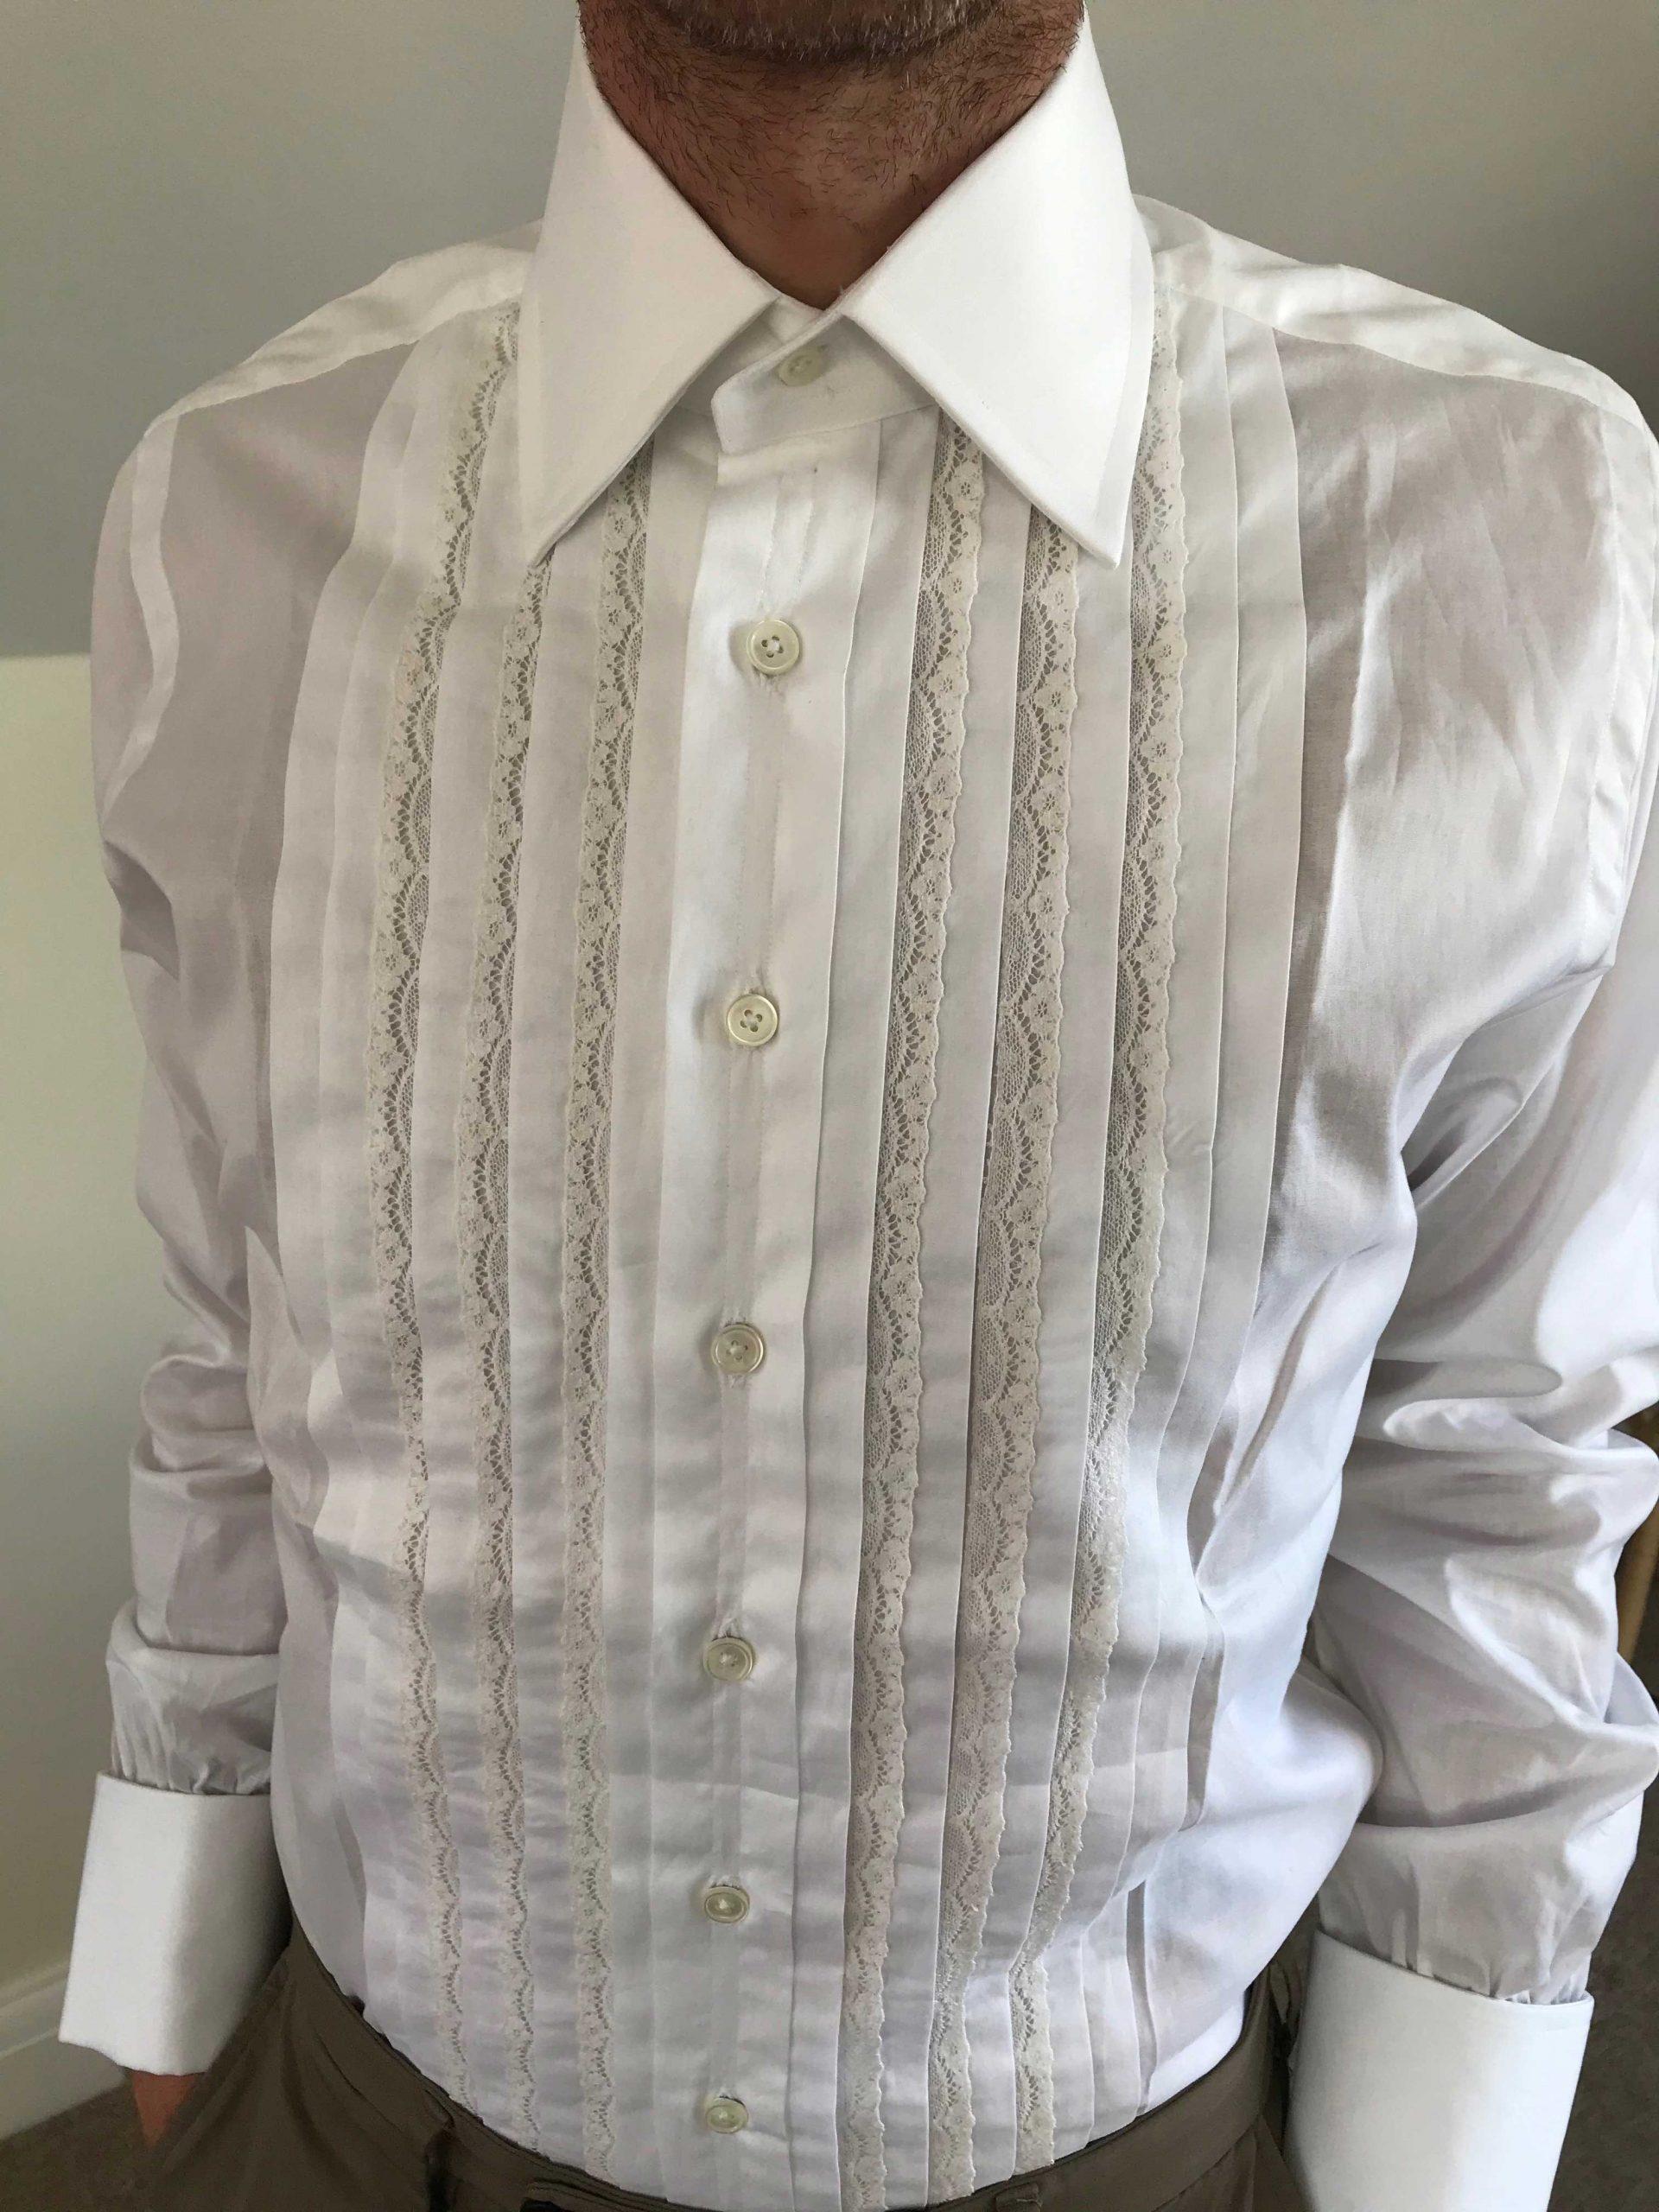 bespoke frank foster shirt